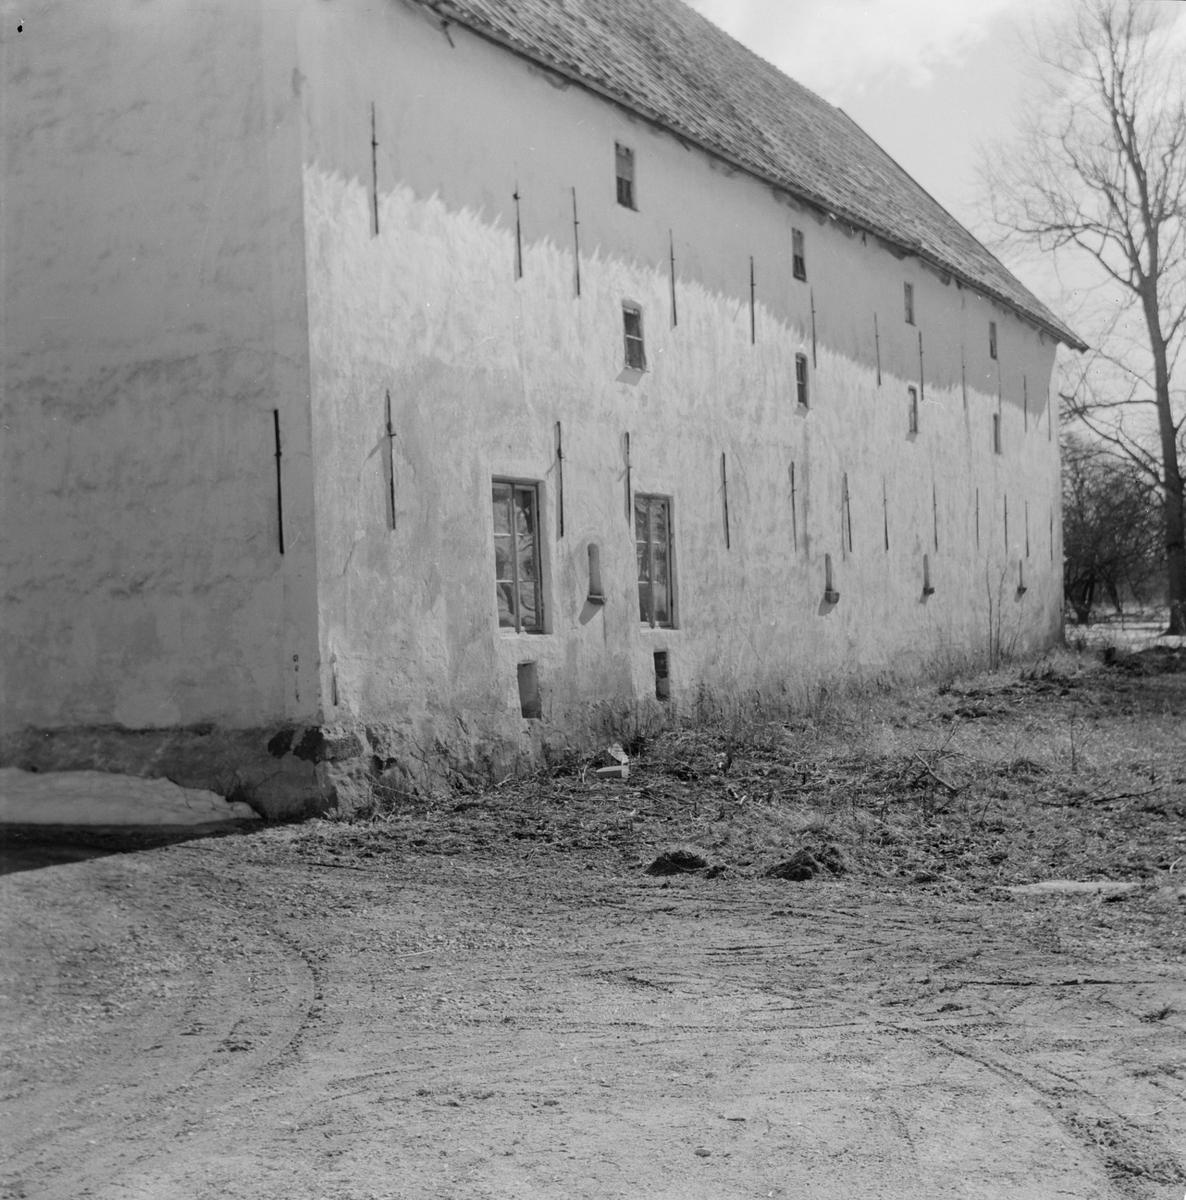 Magasinsbyggnad i Fagerudd i Enköping, Uppland 1961